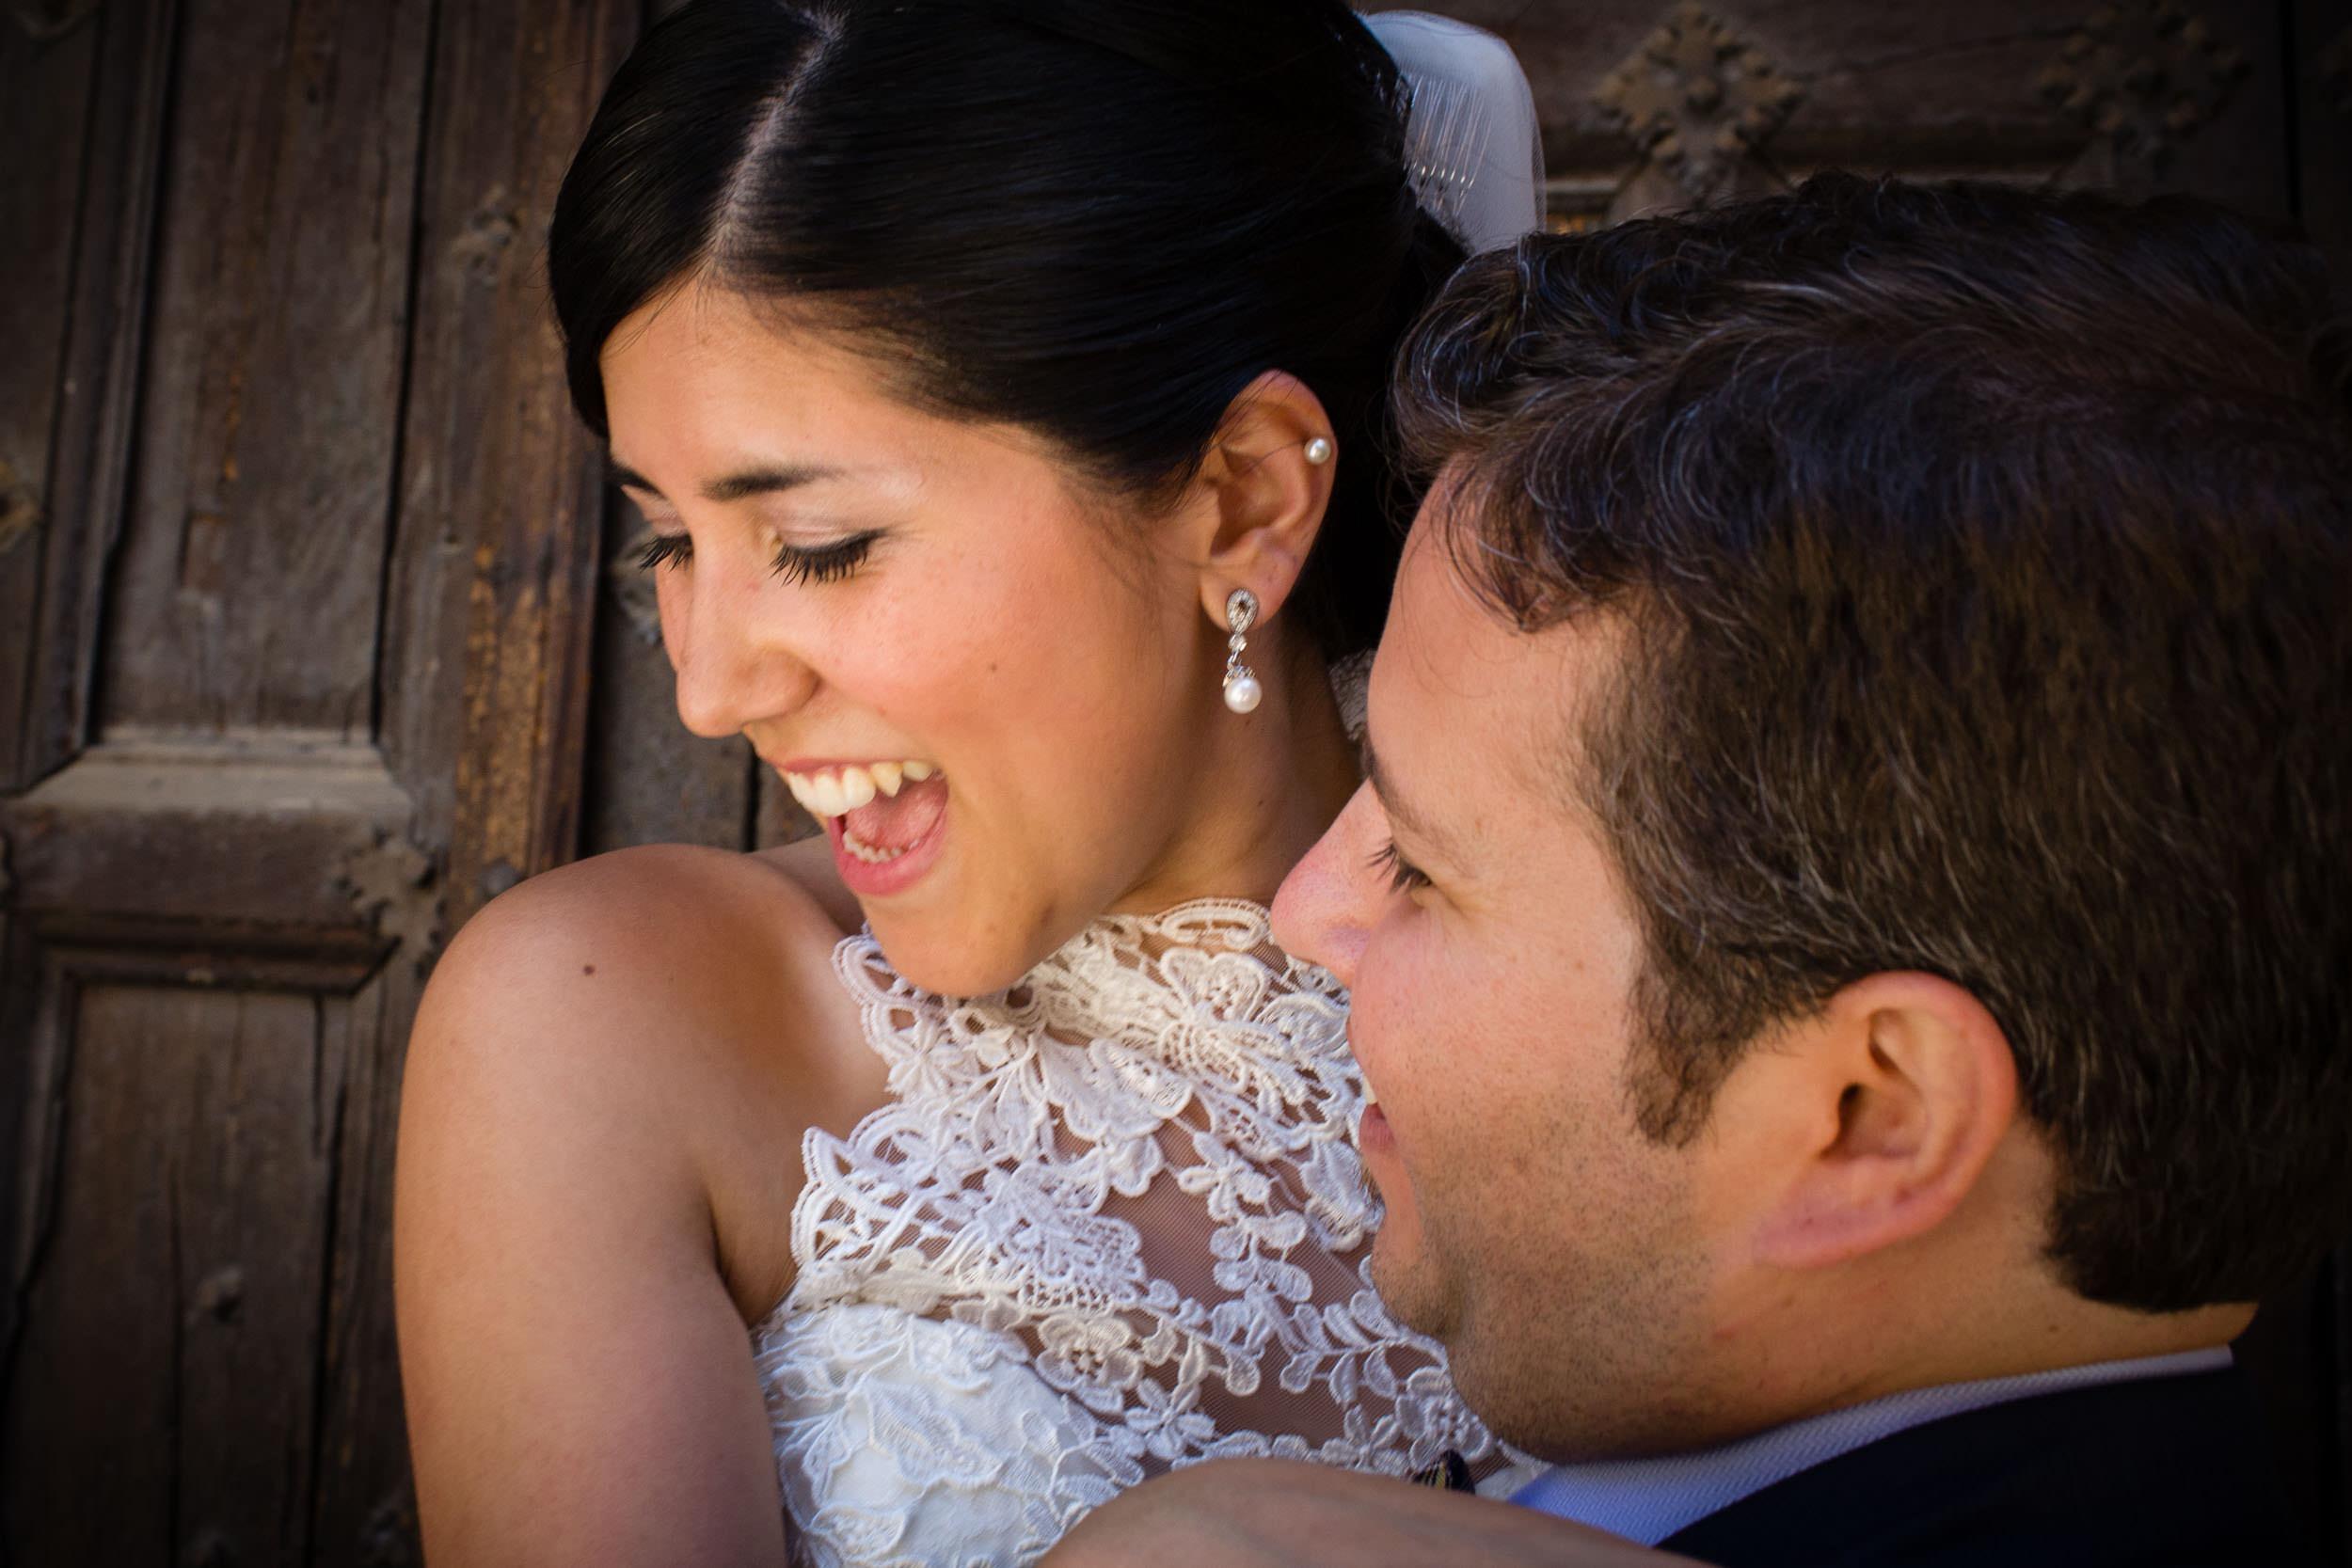 Fotografia de boda La Rioja Pais Vasco España - James Sturcke - sturcke.org_031.jpg